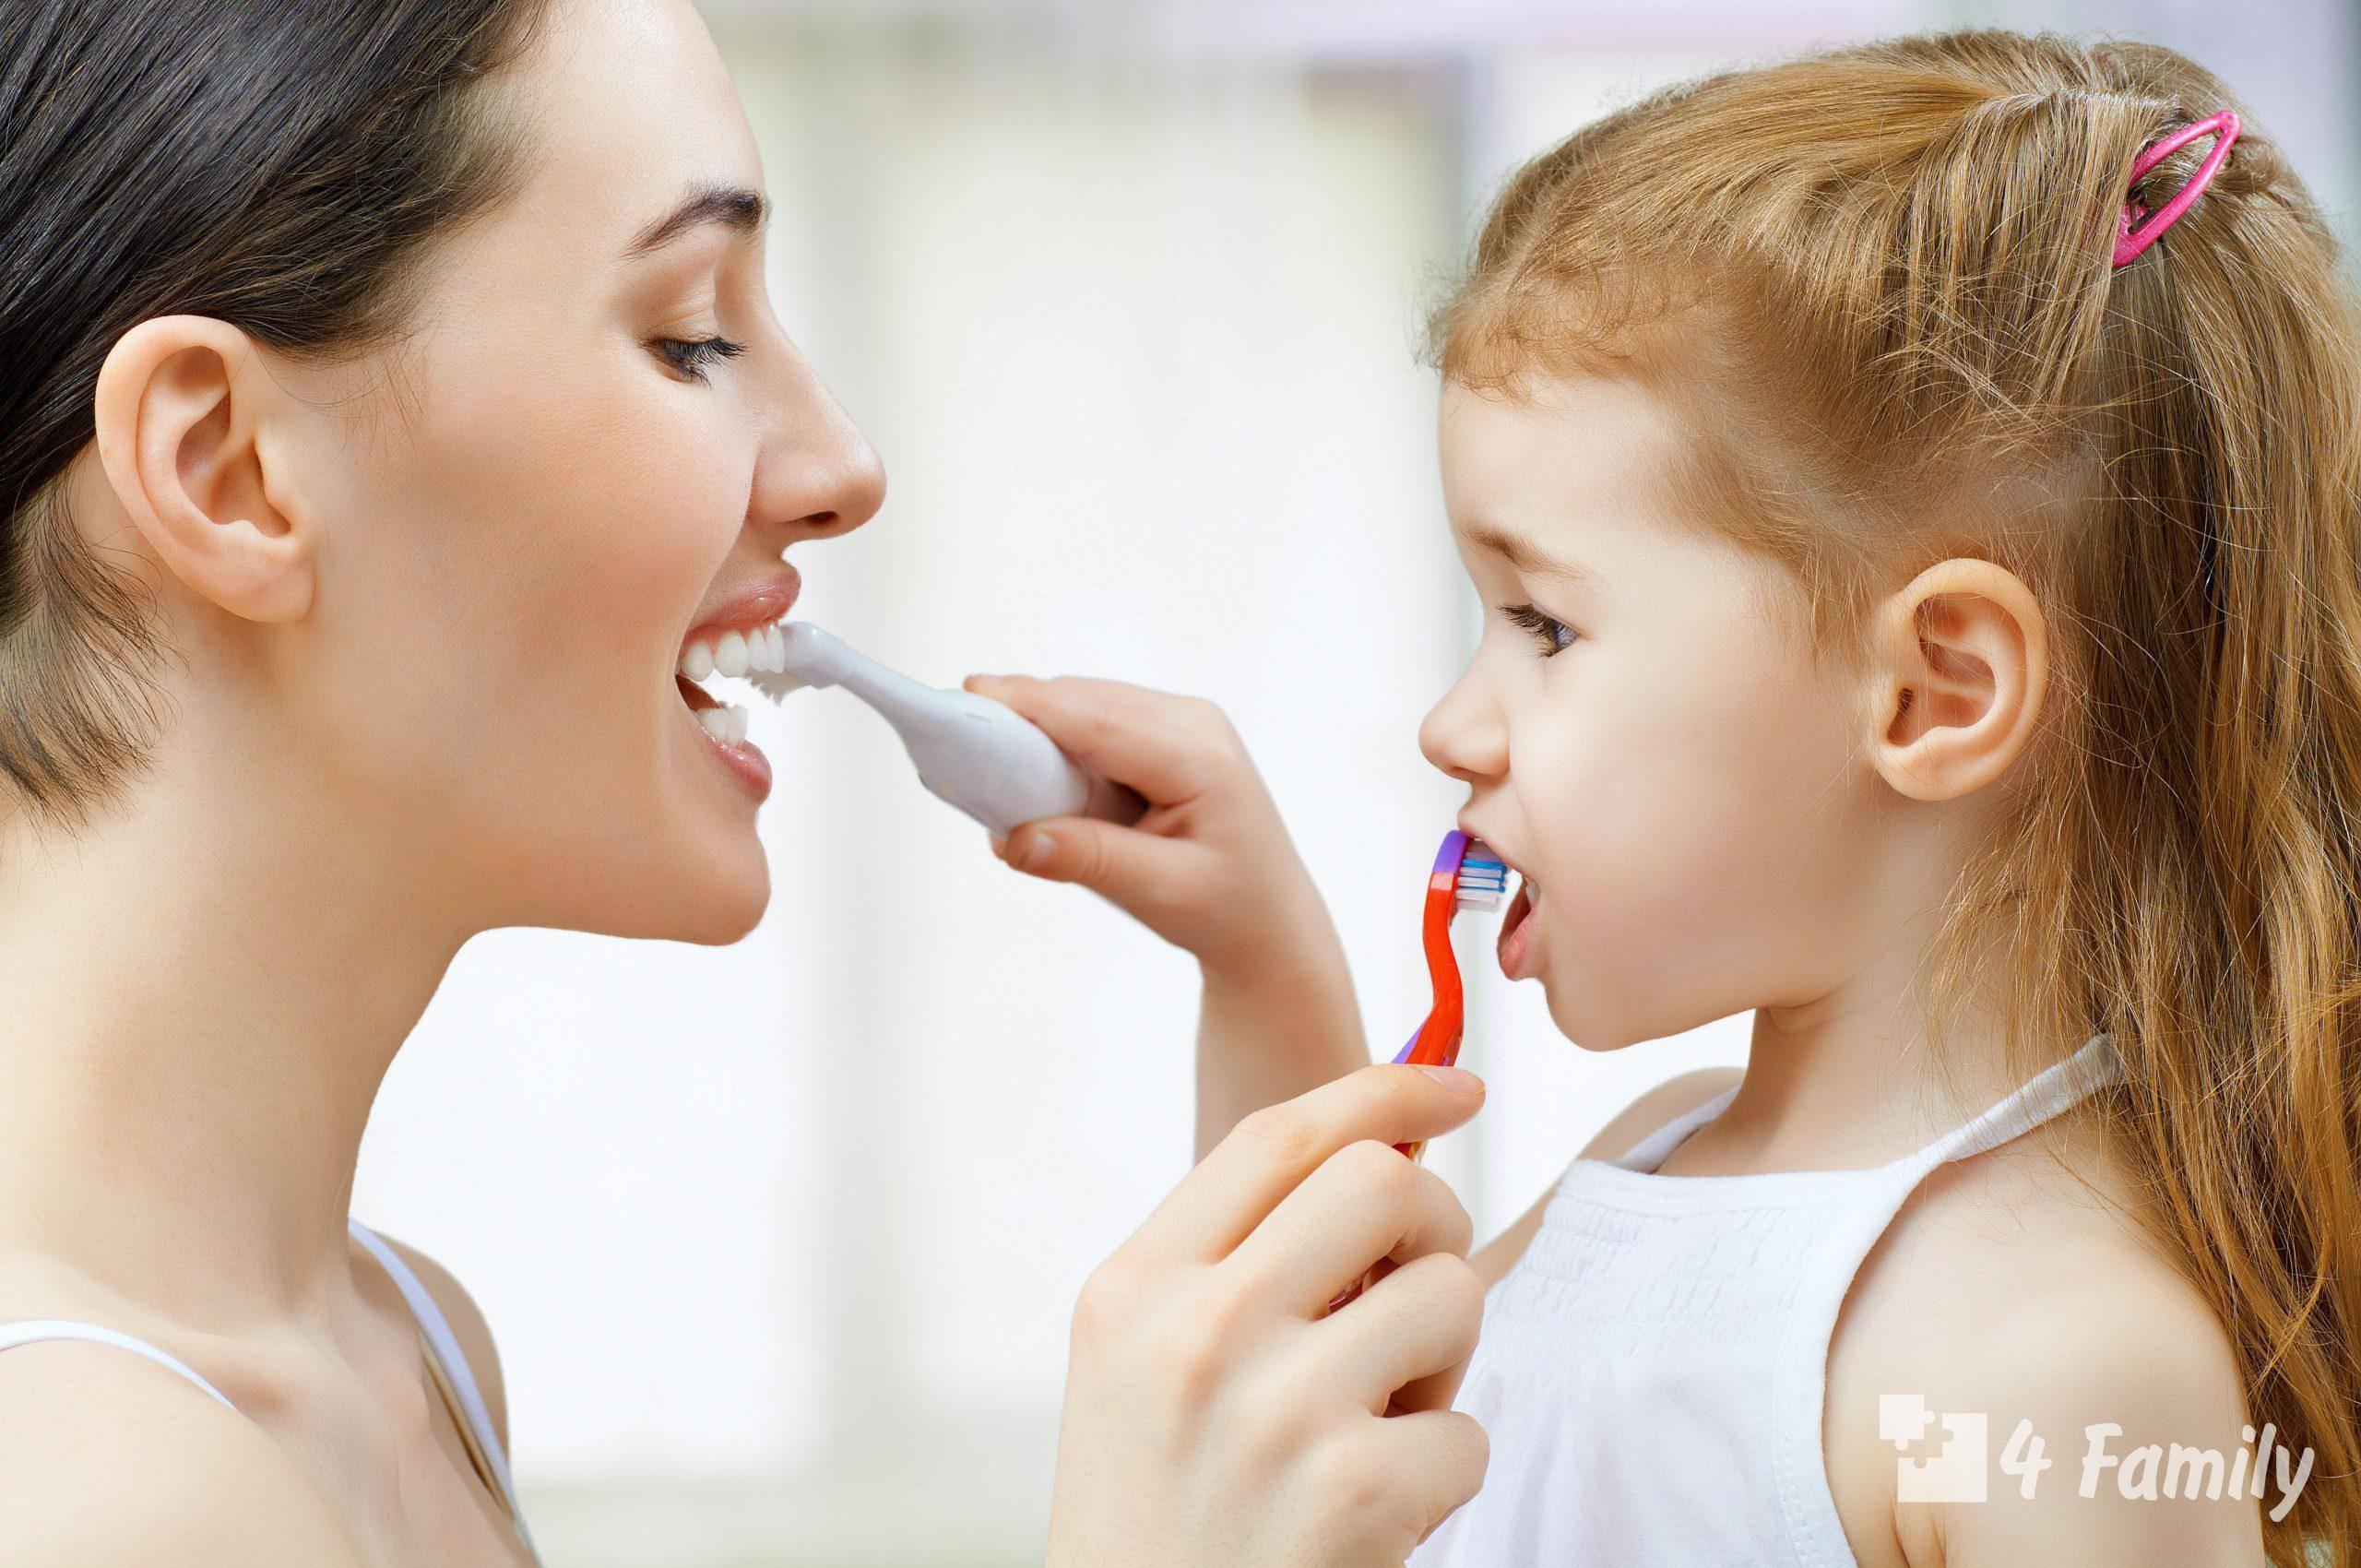 Запах ацетона у ребенка изо рта: как выяснить причину и лечить?